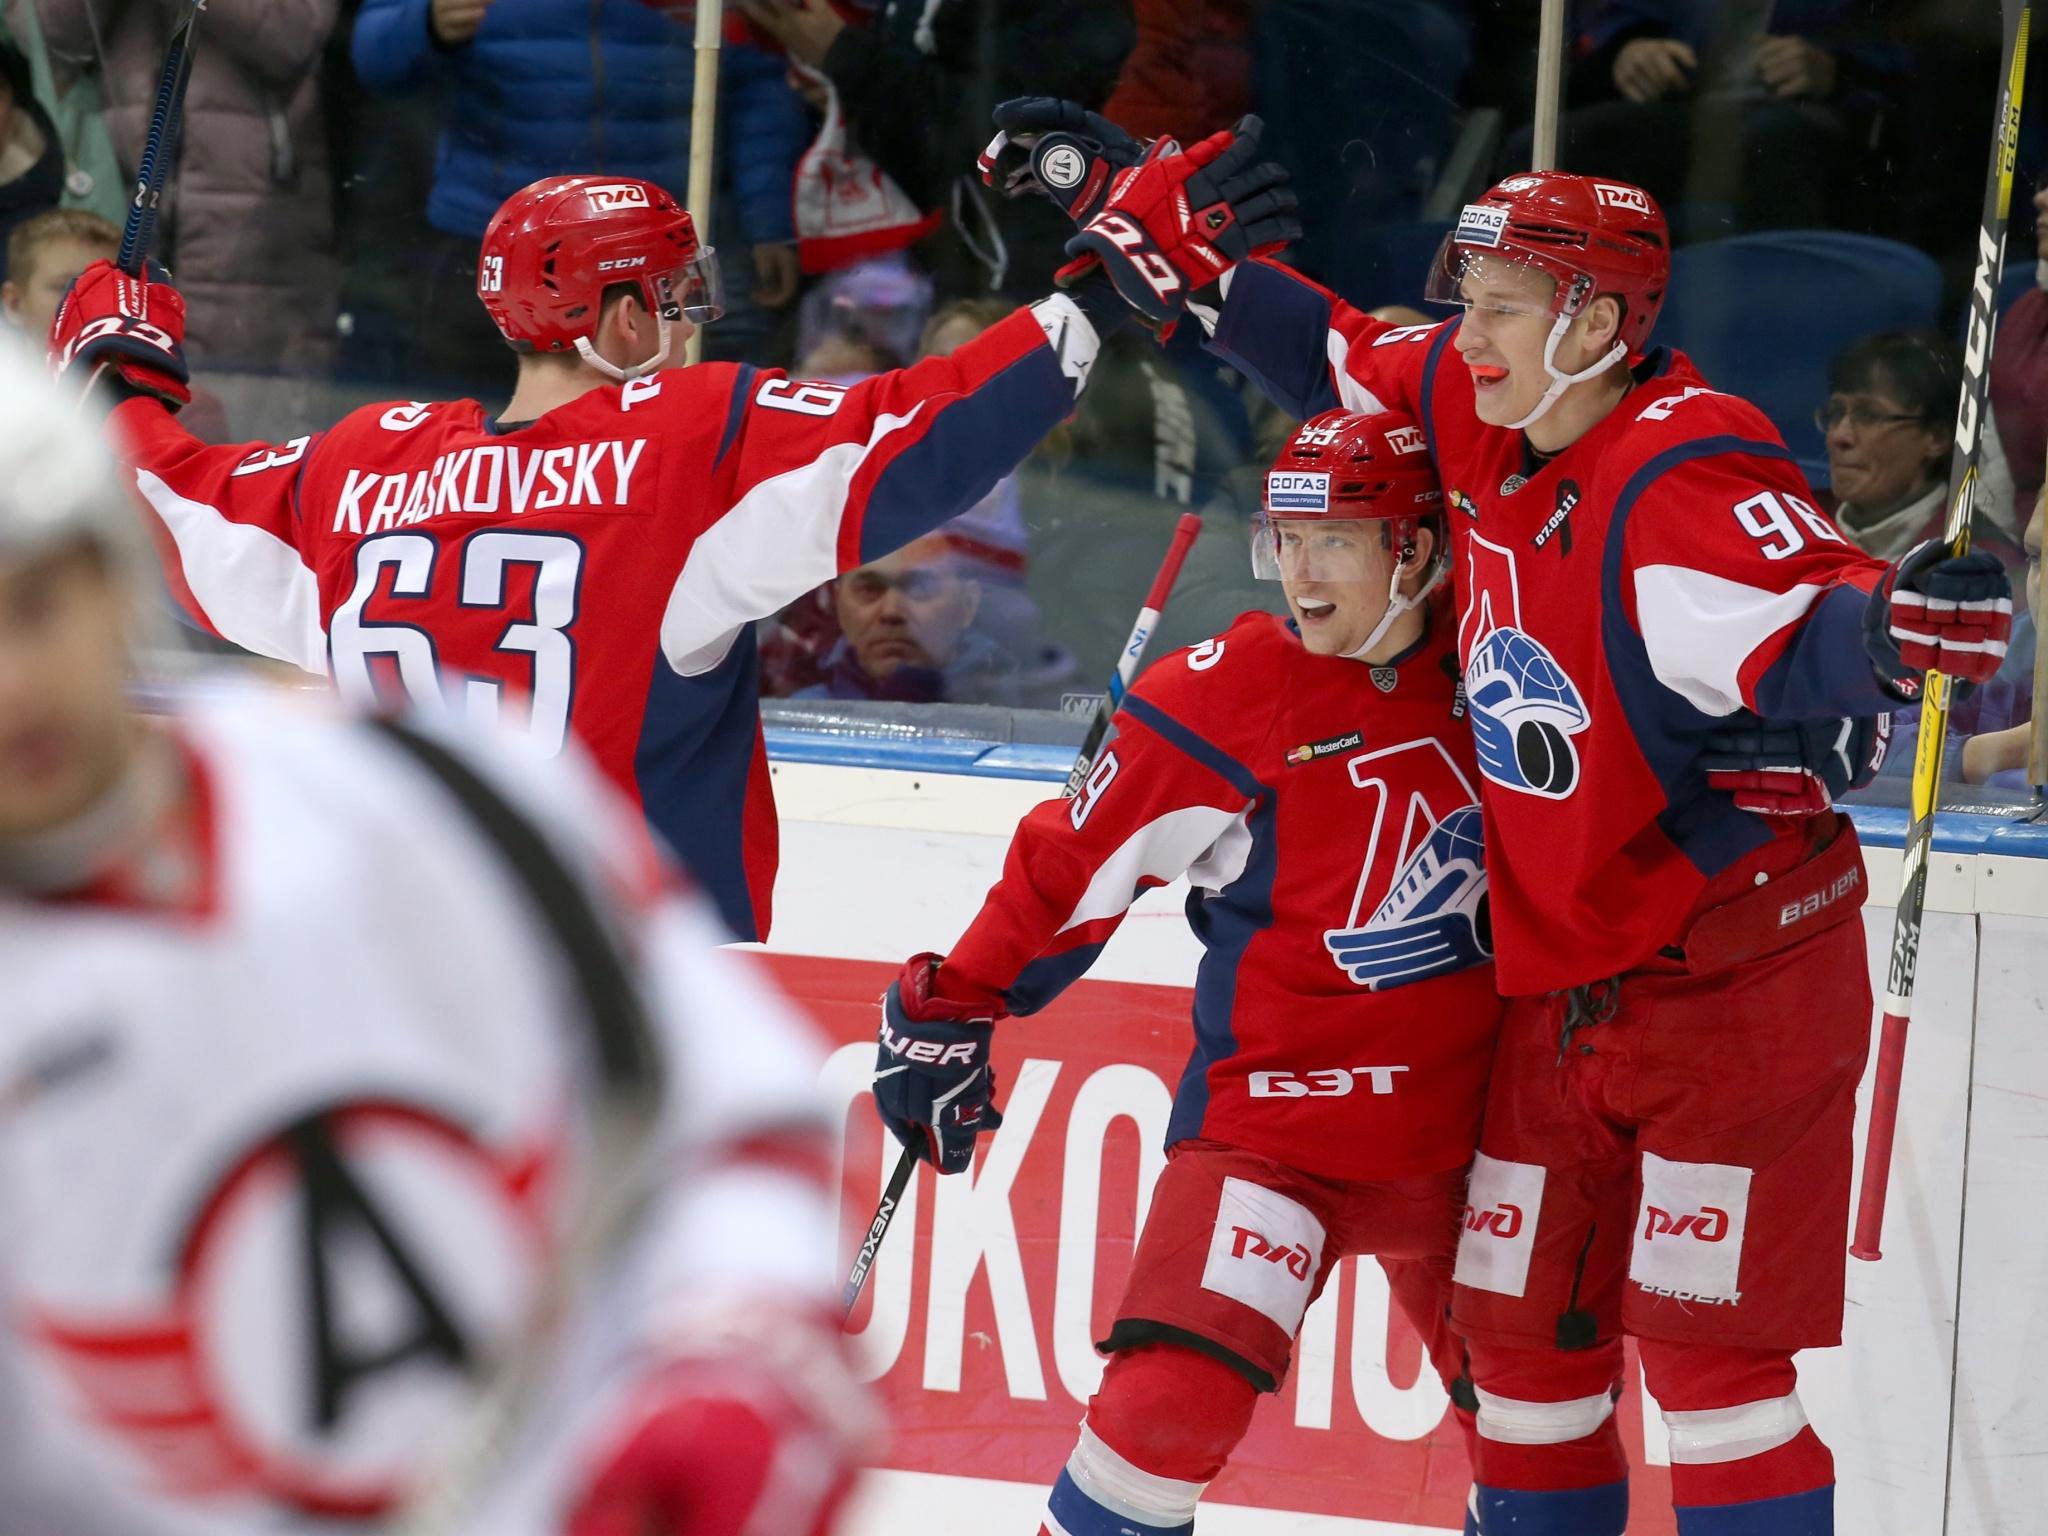 Павел Красковский, Александр Полунин и Егор Коршков. Фото: Ярослав Неелов